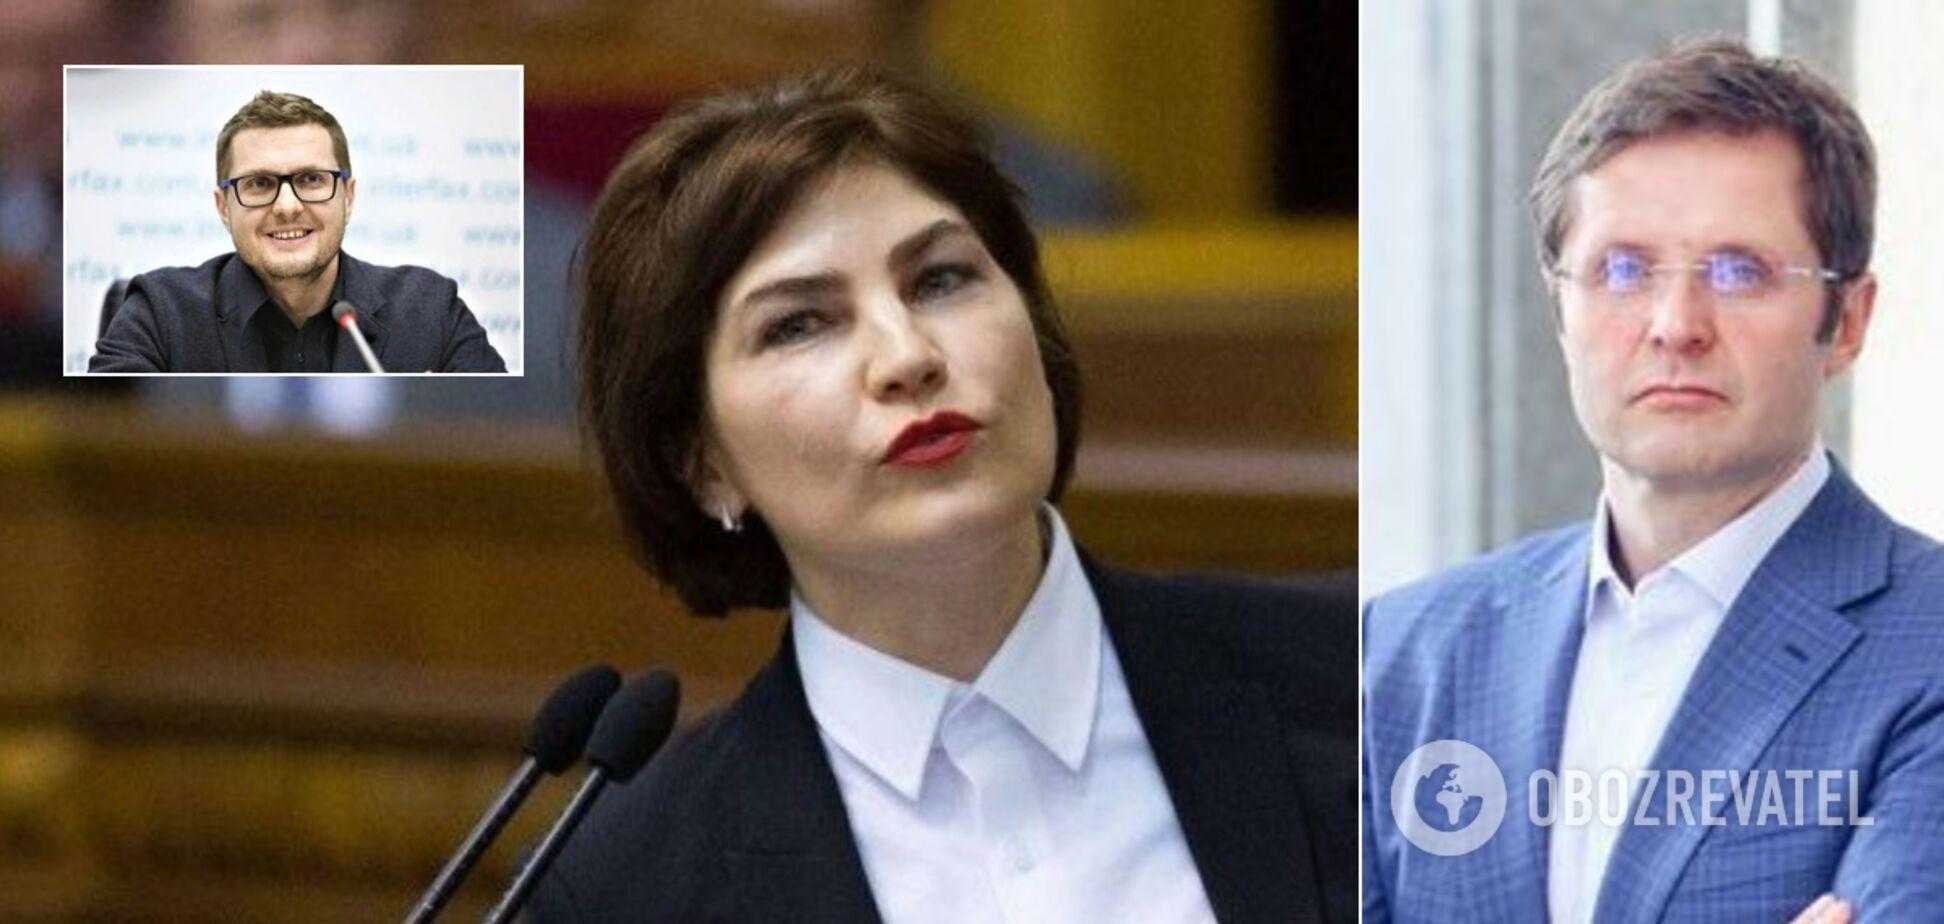 Скандалы с Венедиктовой, Холодовым и Бакановым получили громкое продолжение: в НАПК проводят проверку